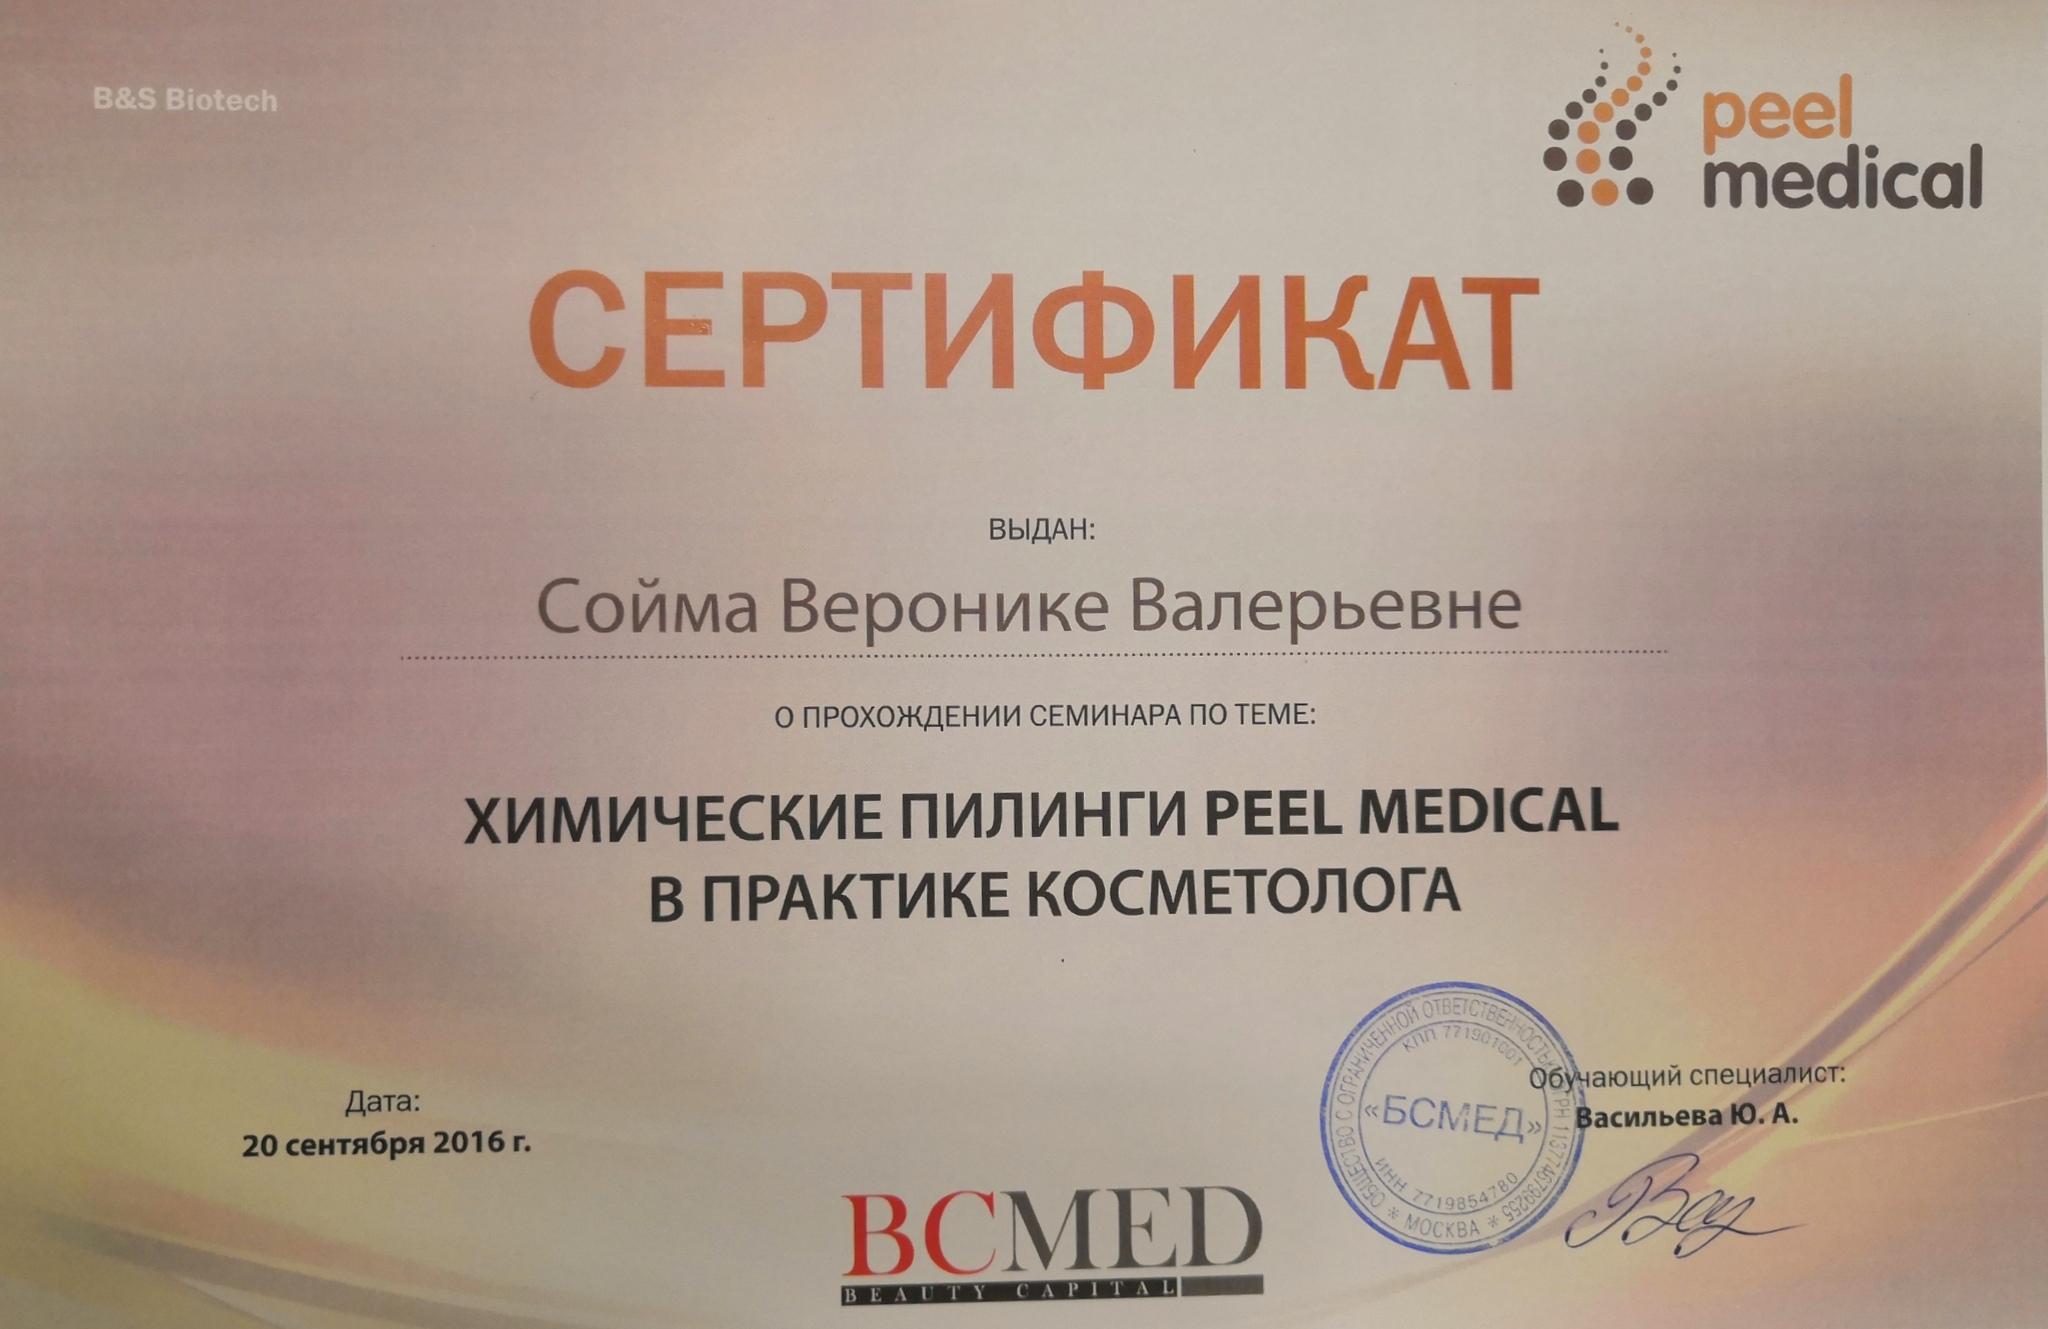 2016, Химические пилинги Peel Medical